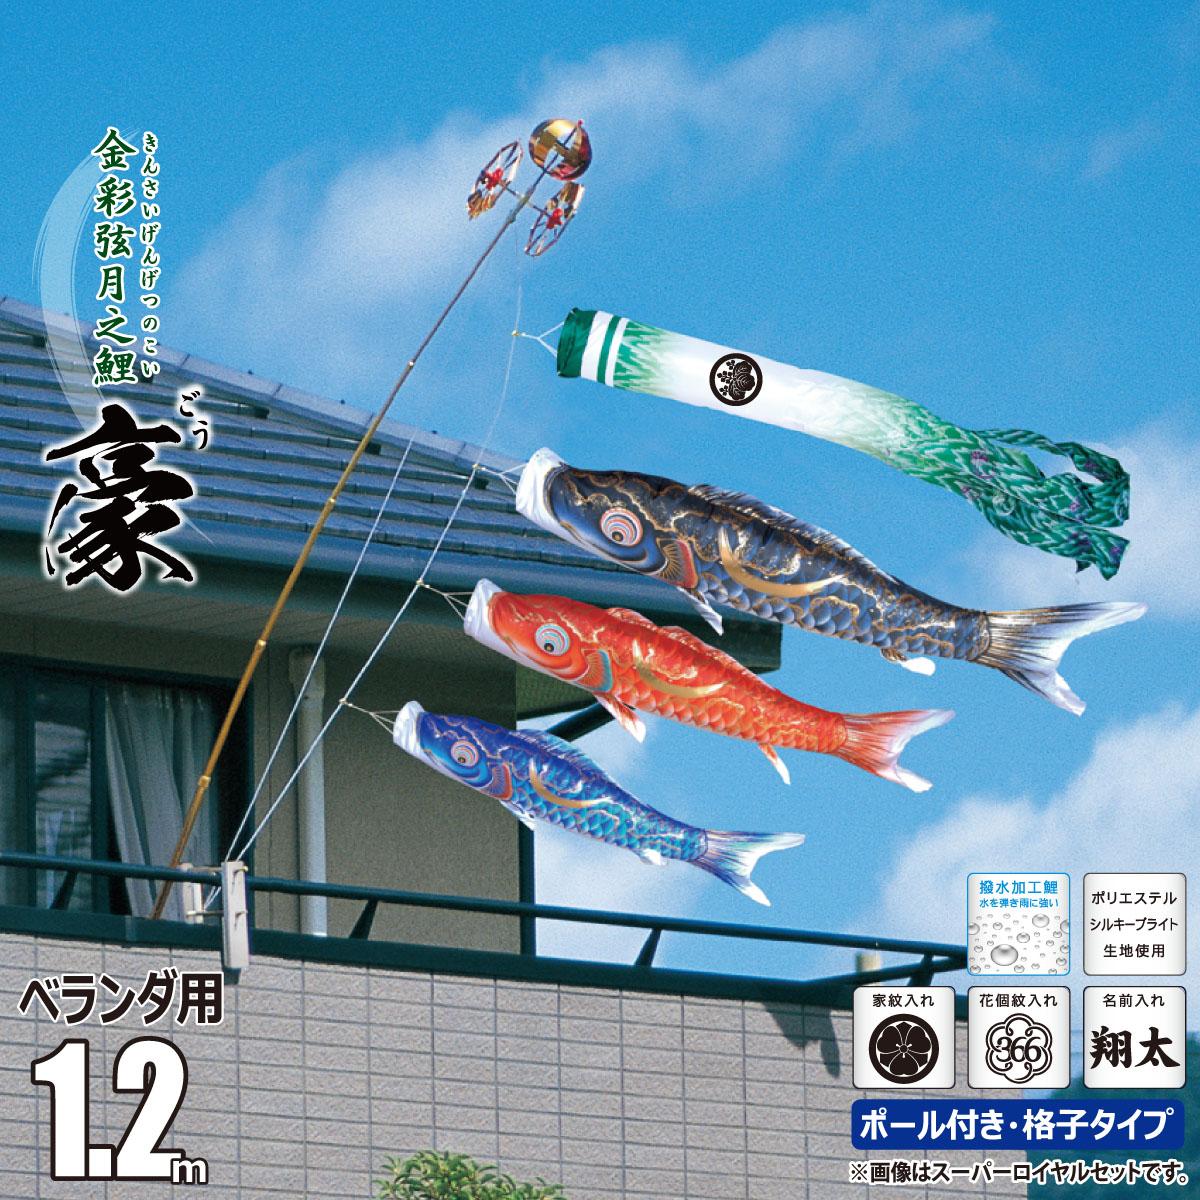 こいのぼり 1.2m 豪(ごう) (矢車、ロープ、吹流し、鯉3匹) ベランダ用 ロイヤルセット (ベランダ用 取付金具付き) 徳永鯉のぼり KIT-120-262